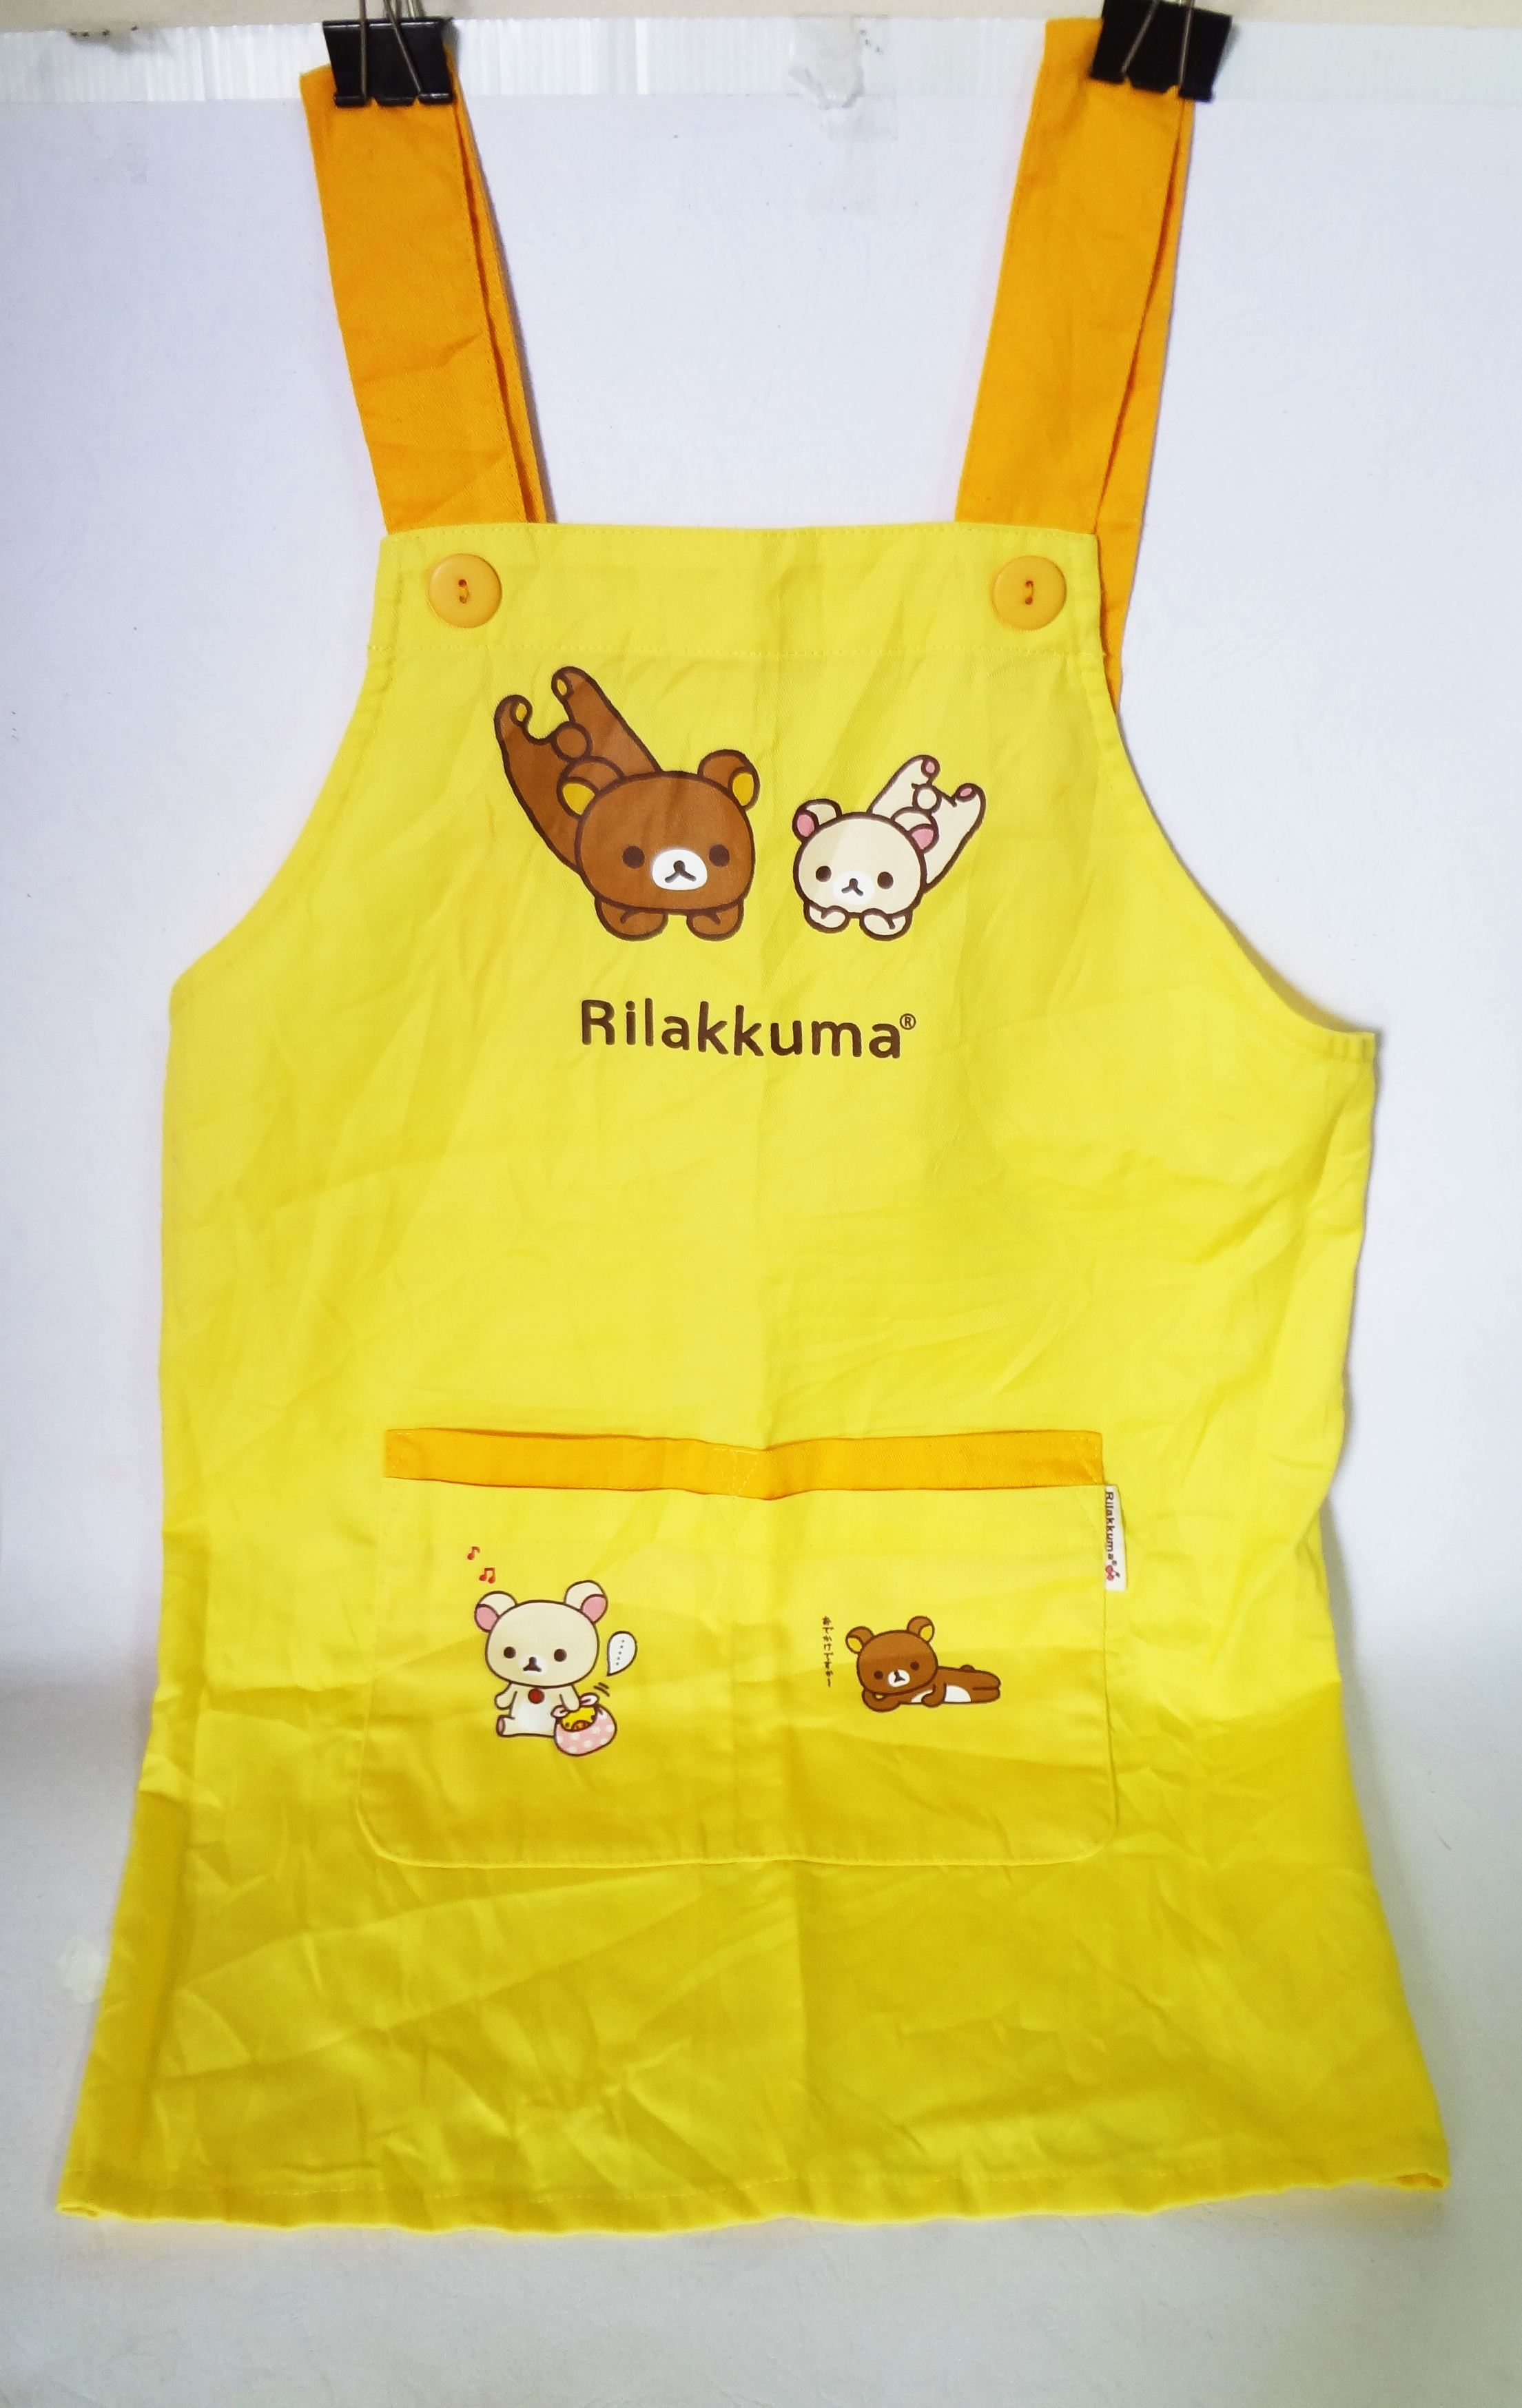 ผ้ากันเปื้อนสำหรับเด็ก ลาย Rilakkuma